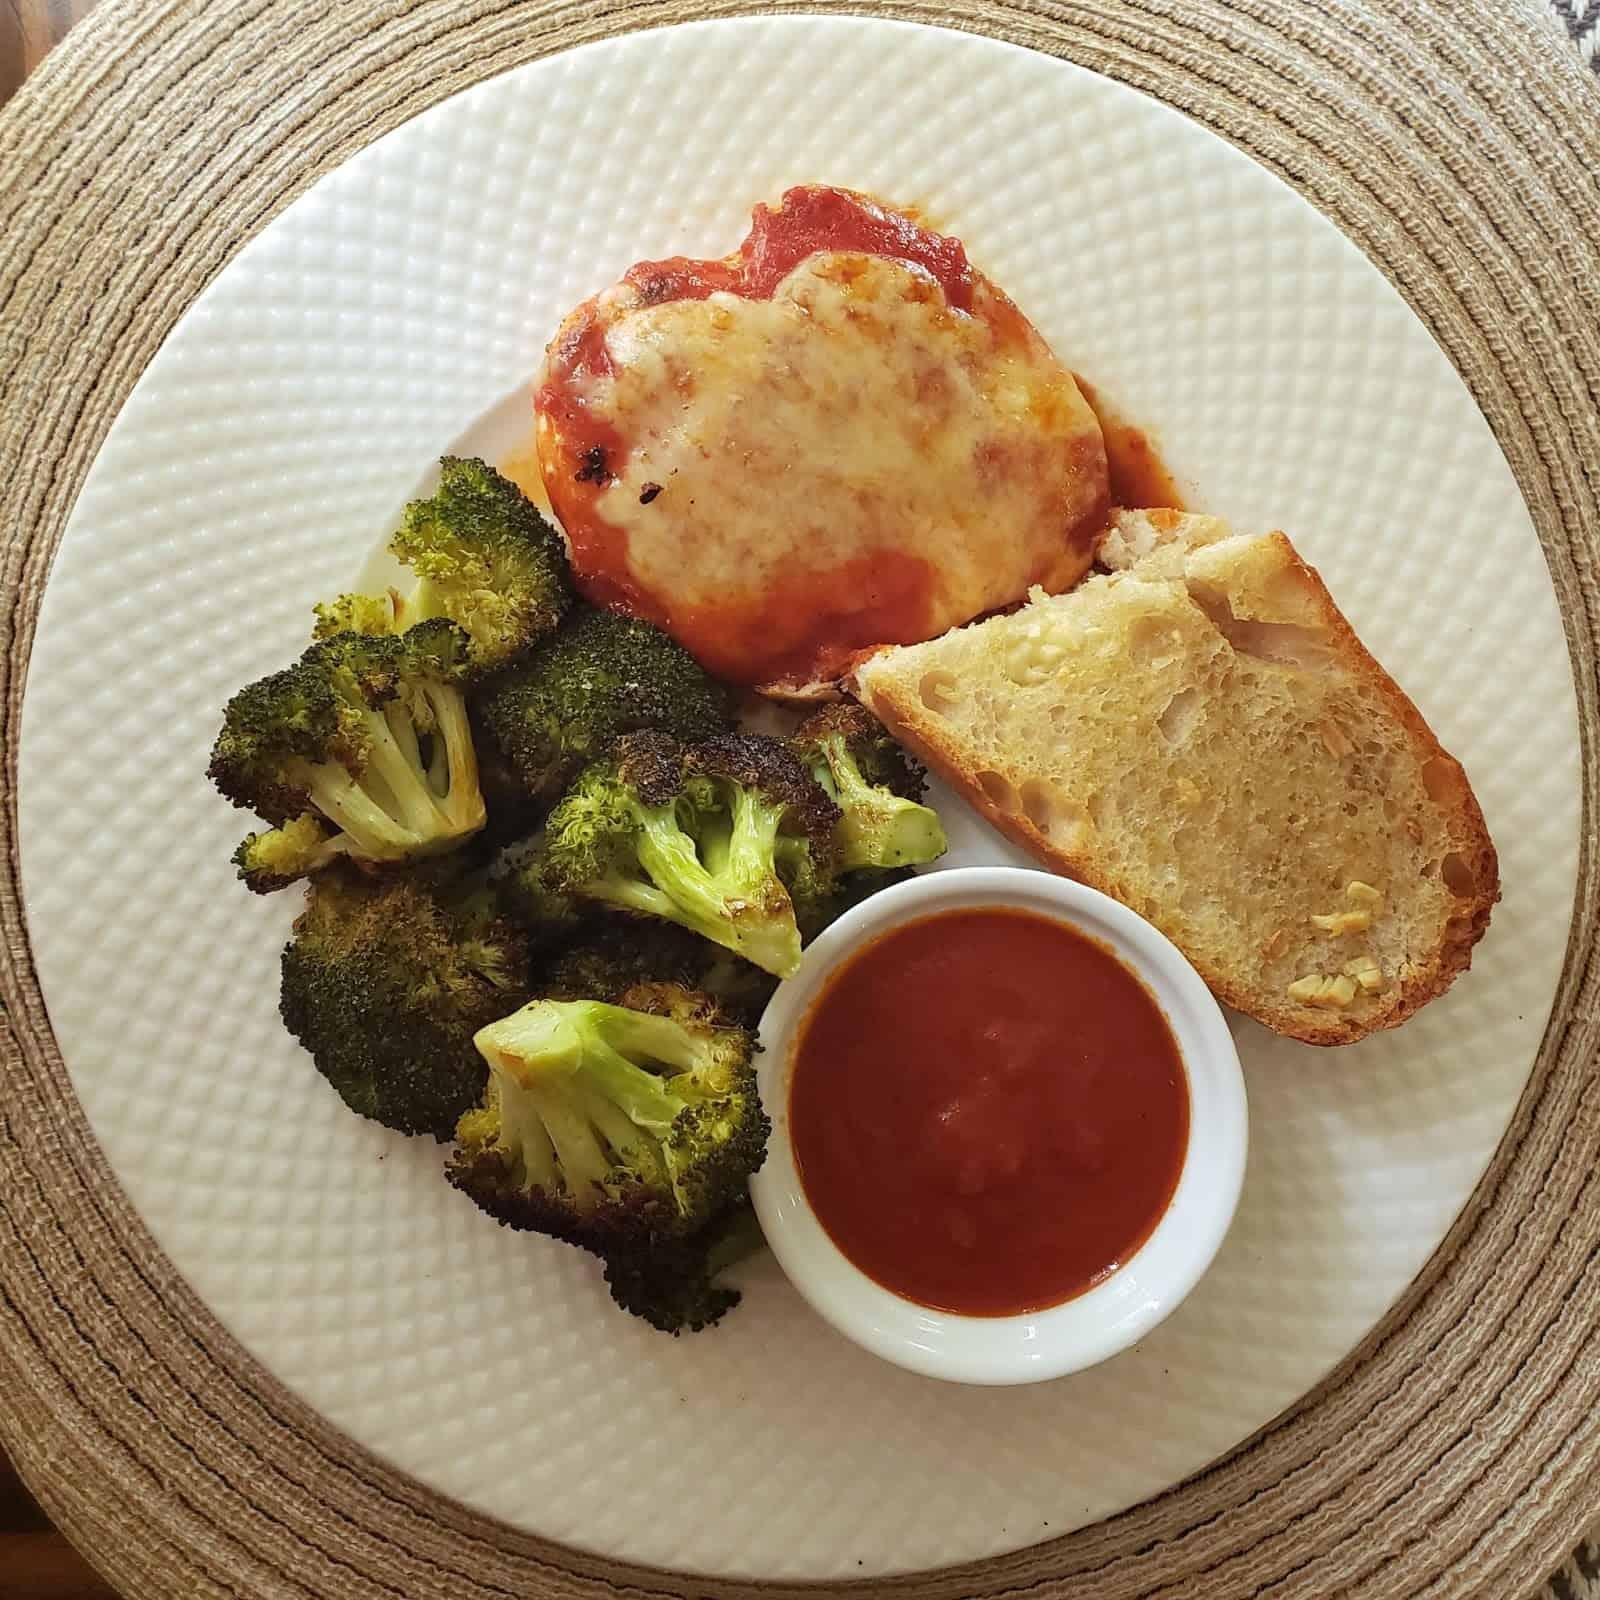 Chicken Parm with Roasted Broccoli & Garlic Bread